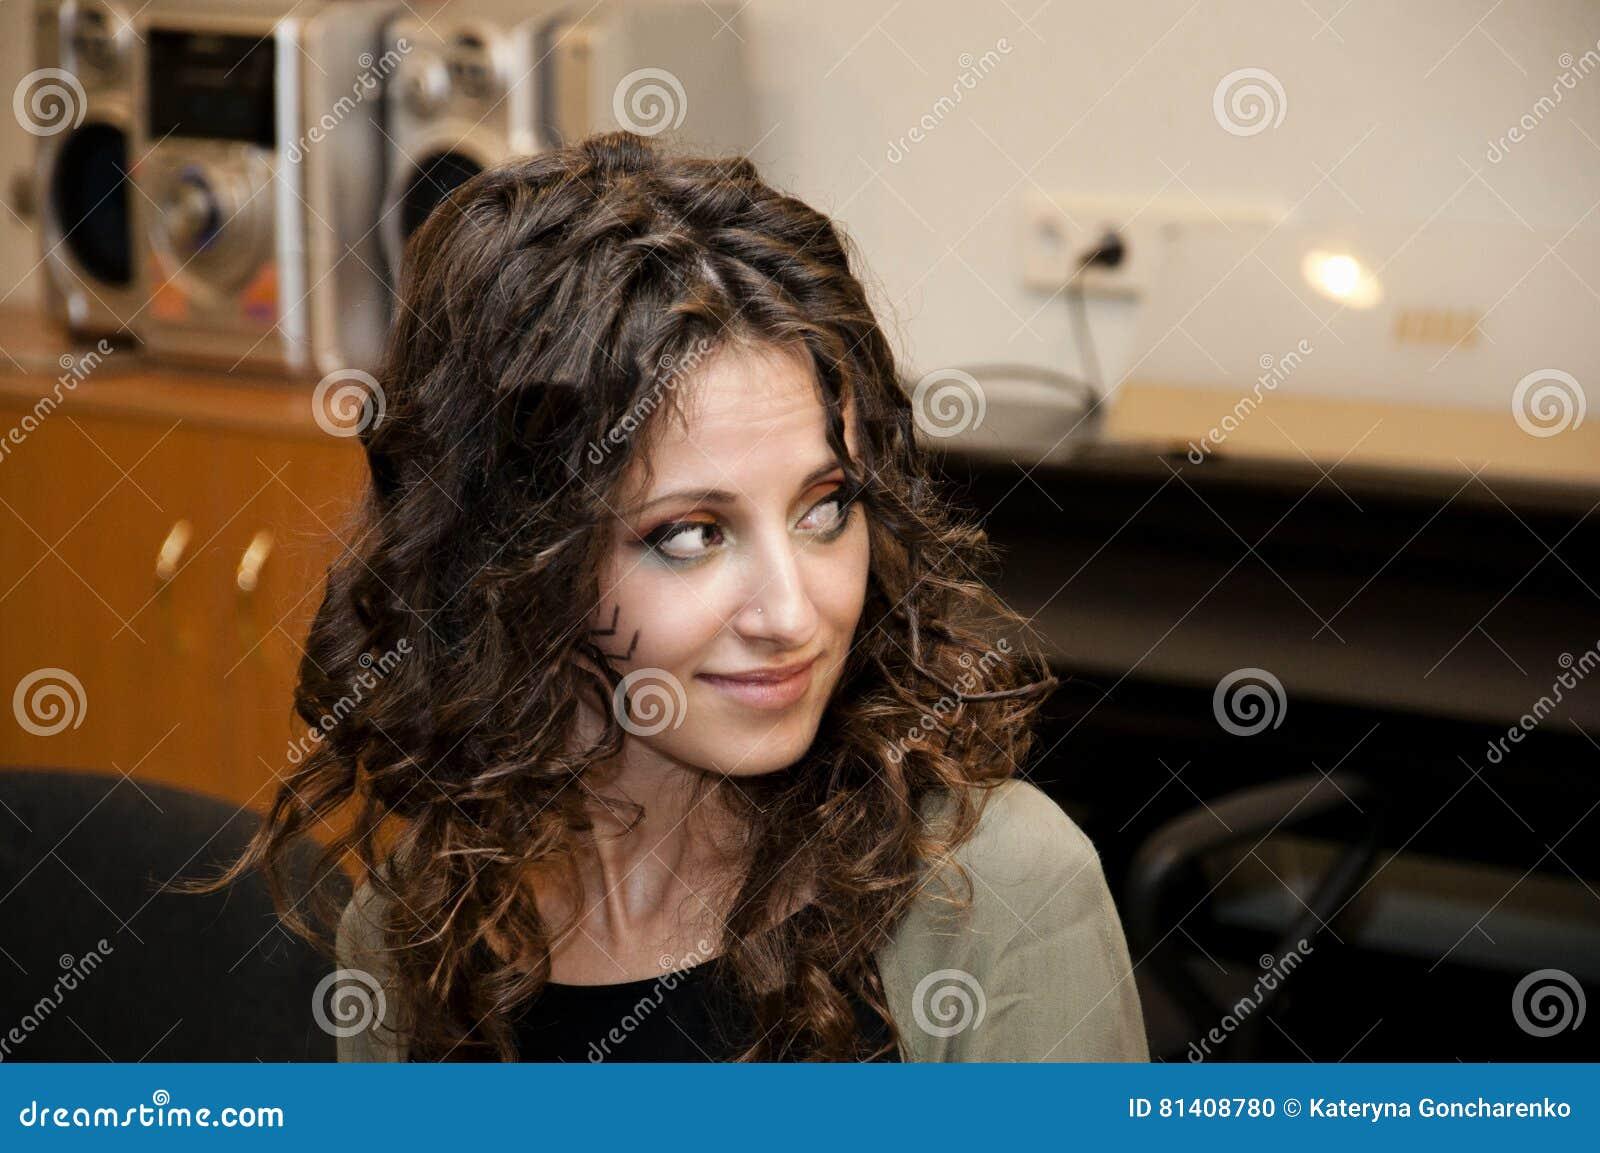 Девушка инди фото